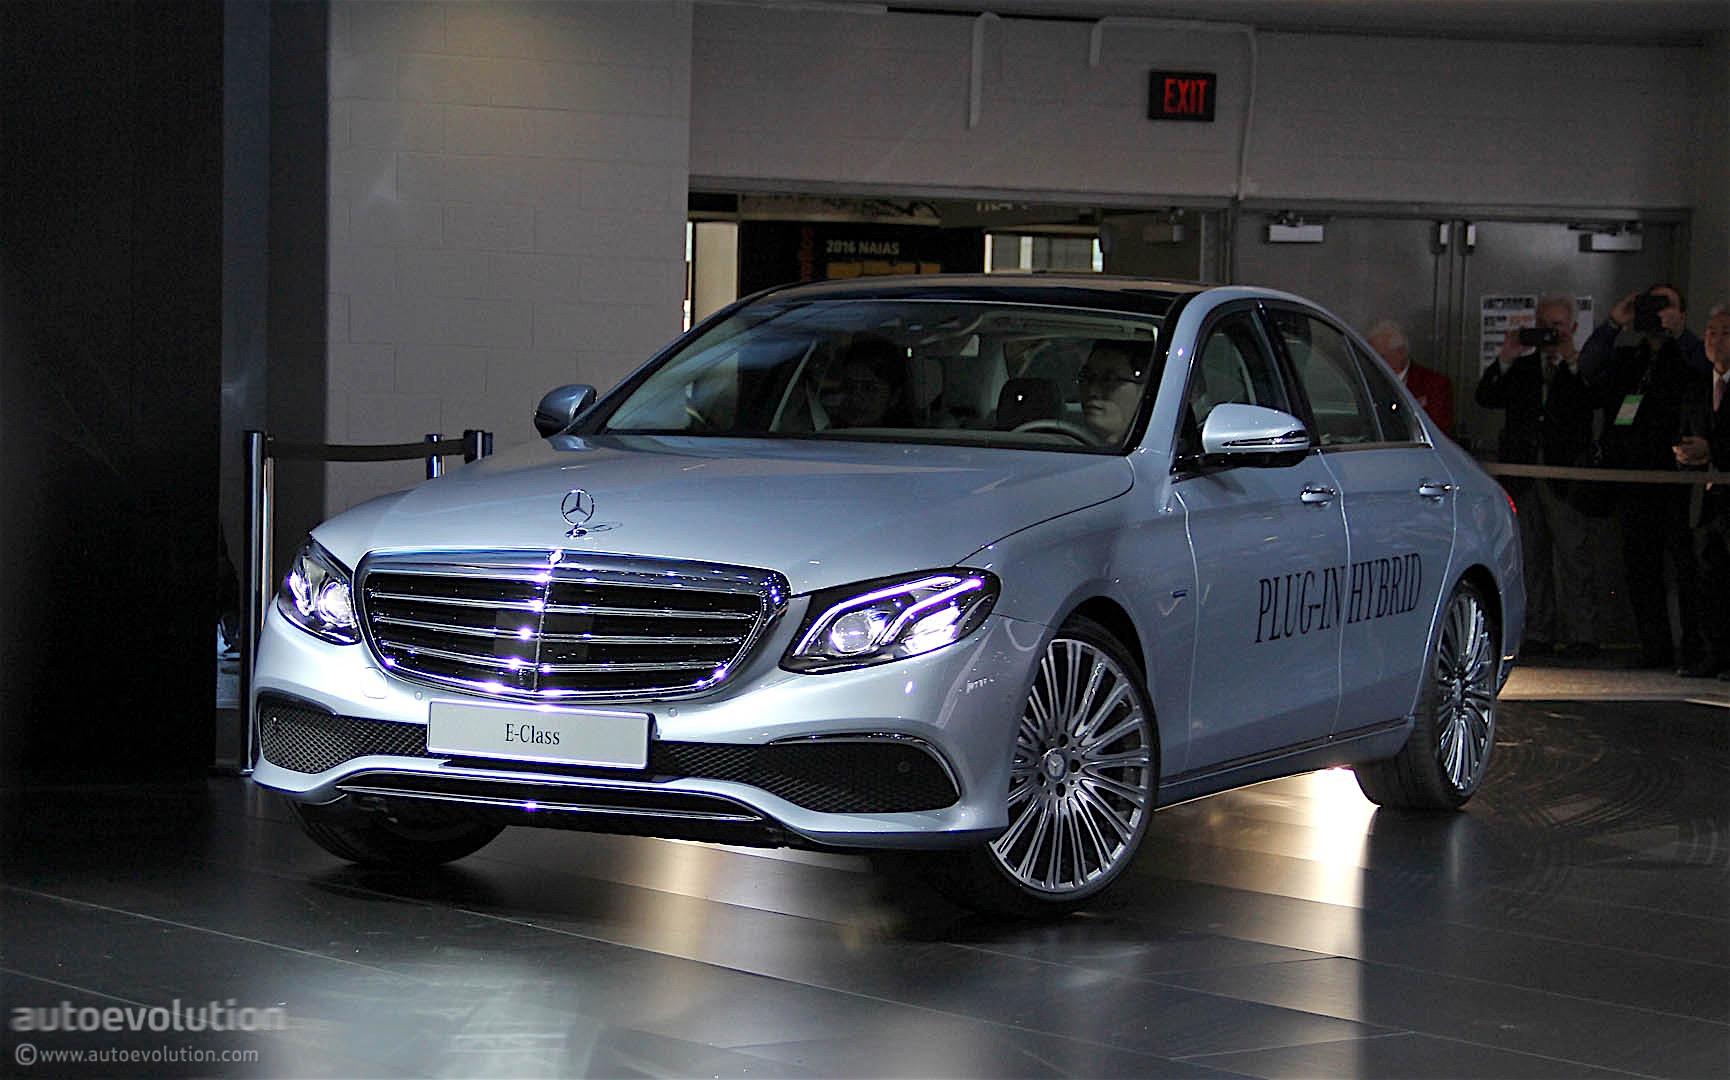 2017 Mercedes-Benz E-Class Unveiled at the 2016 Detroit Auto Show - autoevolution